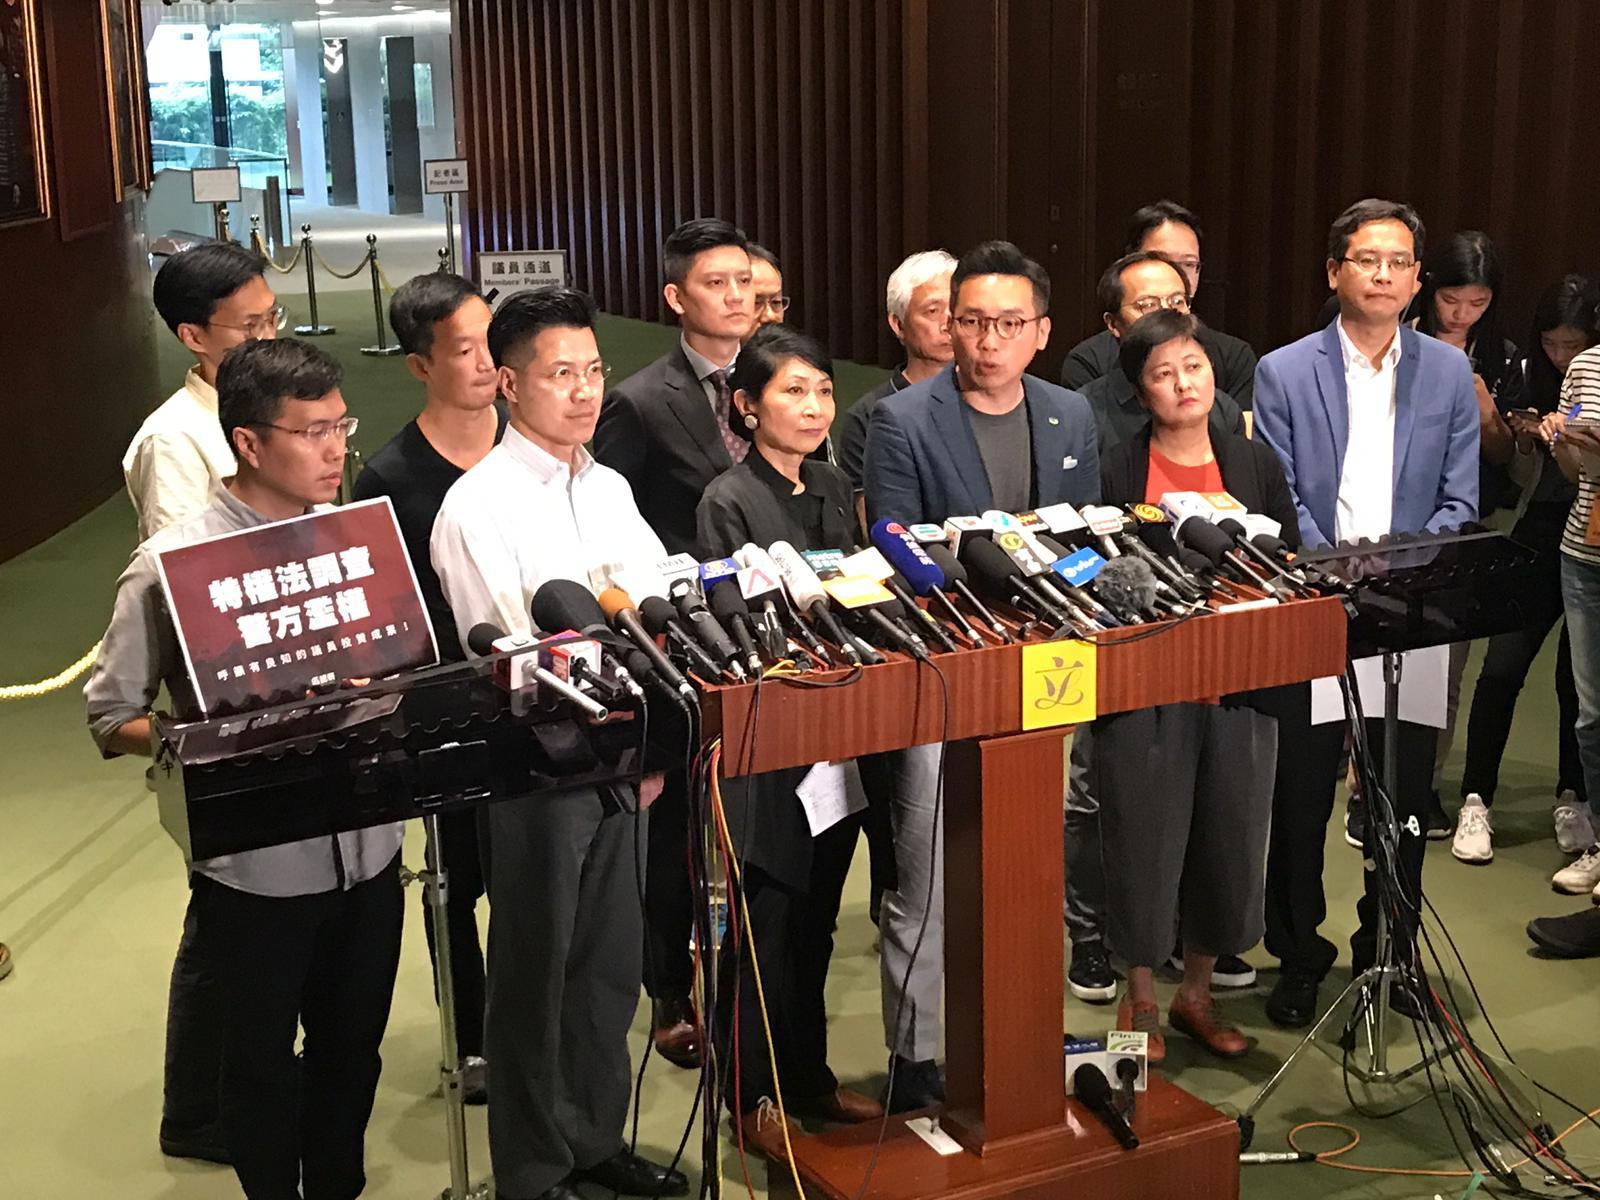 民主派促行政長官林鄭月娥下台並重推政改。